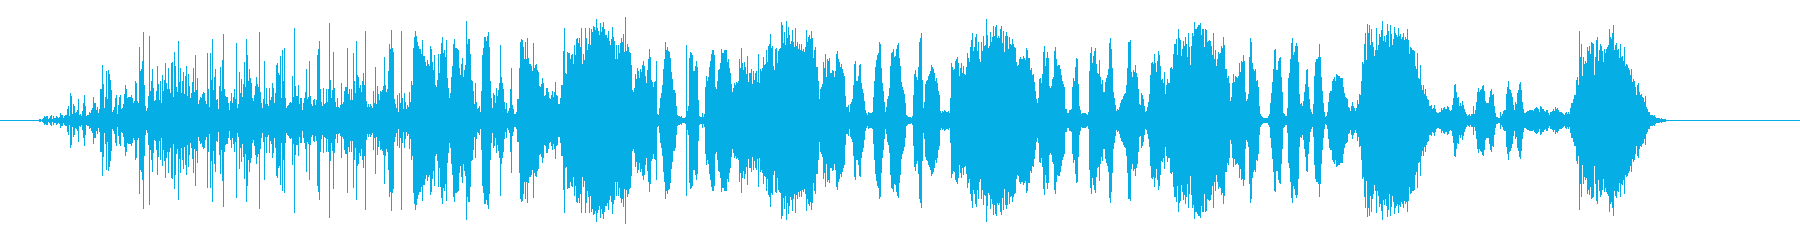 エルロシオビバスアロシオの再生済みの波形